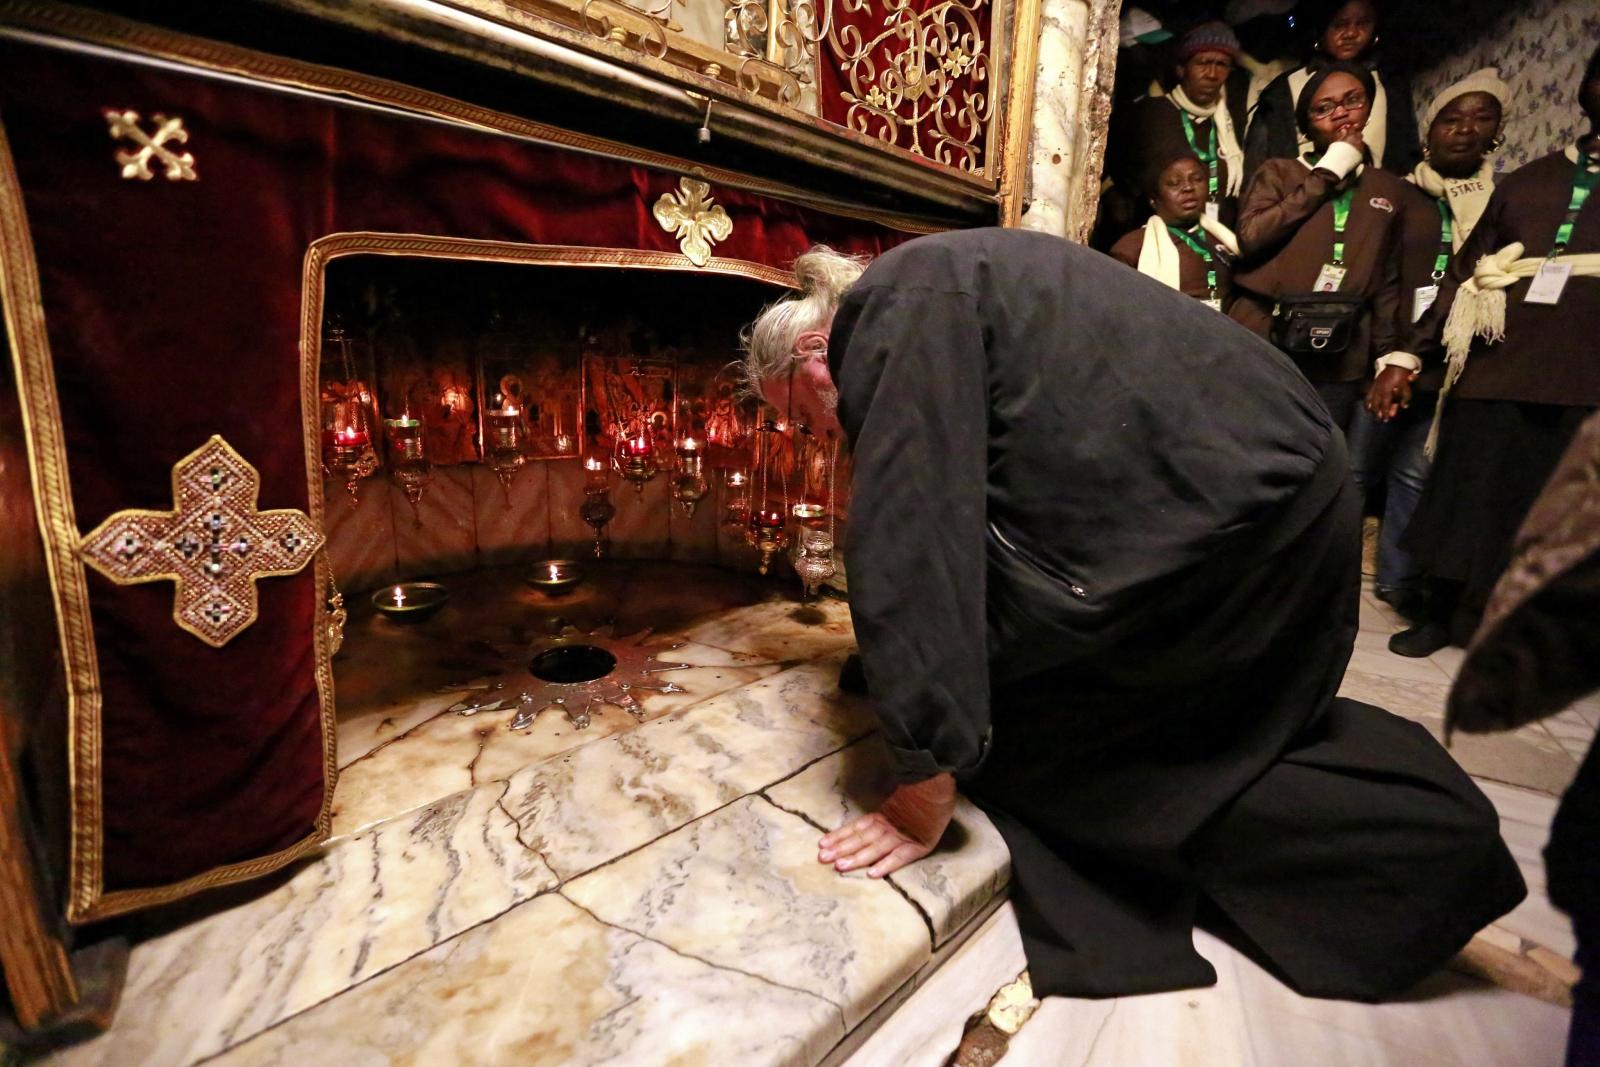 Pielgrzymki do Betlejem, do Kościoła Narodzenia Pańskiego gdzie znajduje się pierwotne miejsce narodzenia Jezusa. Fot. PAP/EPA/ABED AL HASHLAMOUN